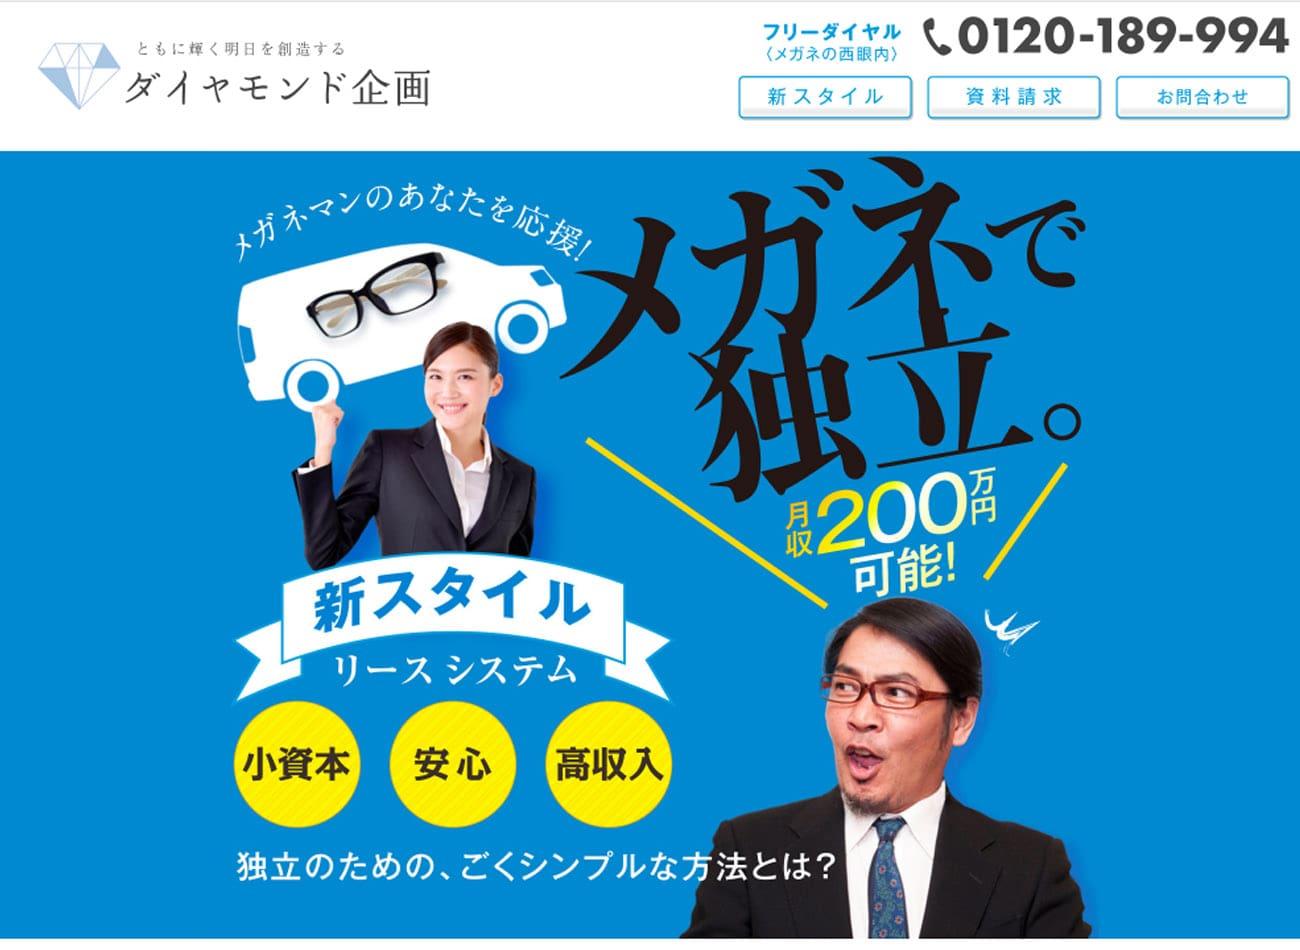 メガネ移動販売